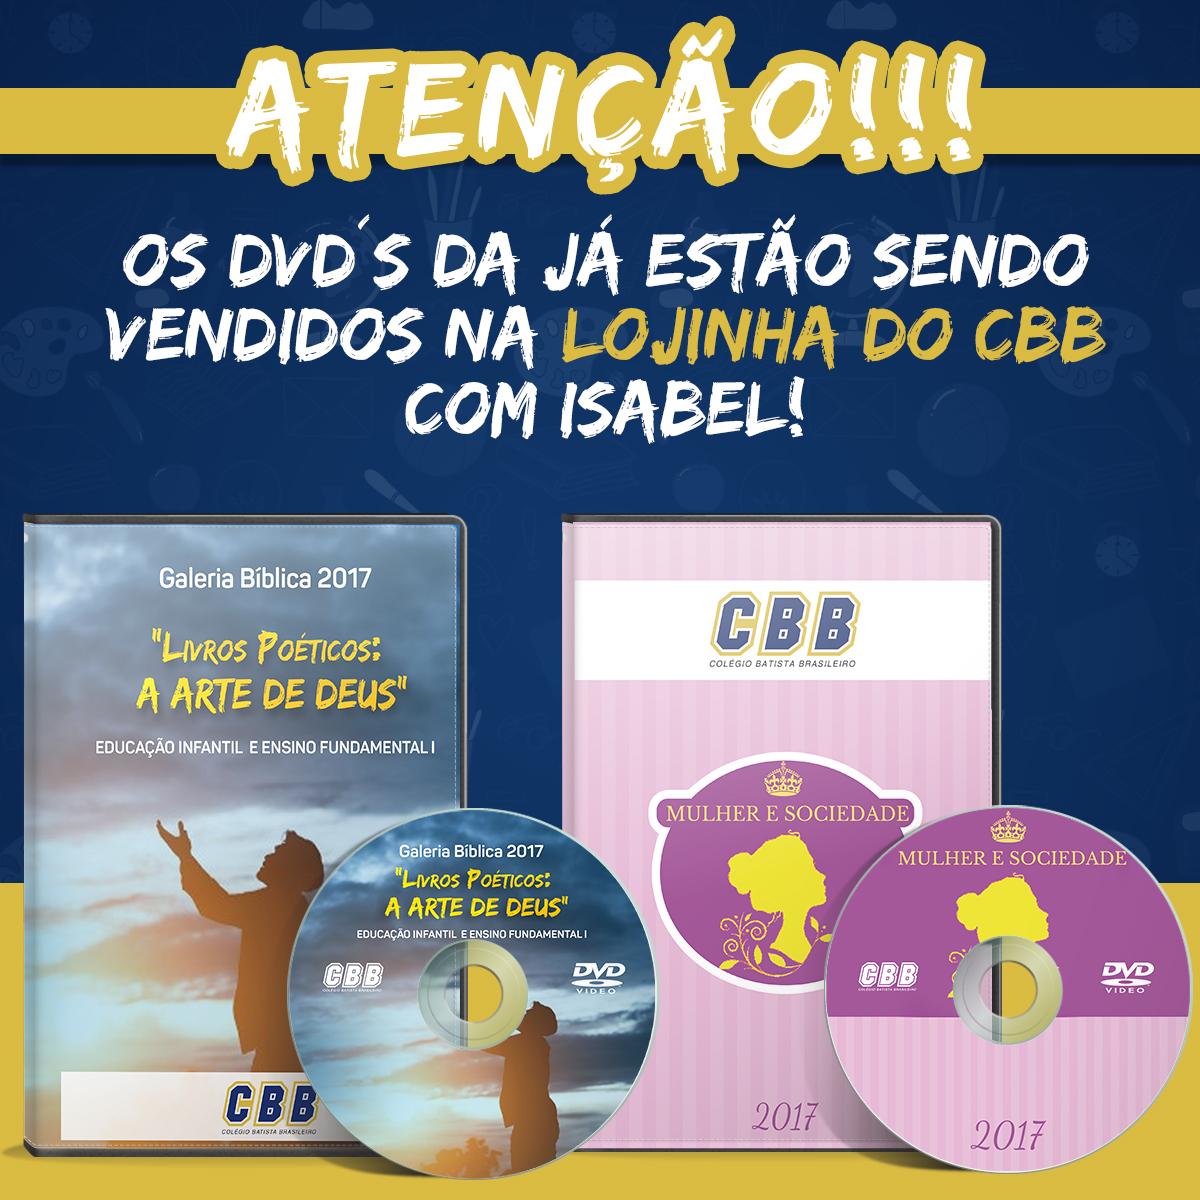 VENDA DVD